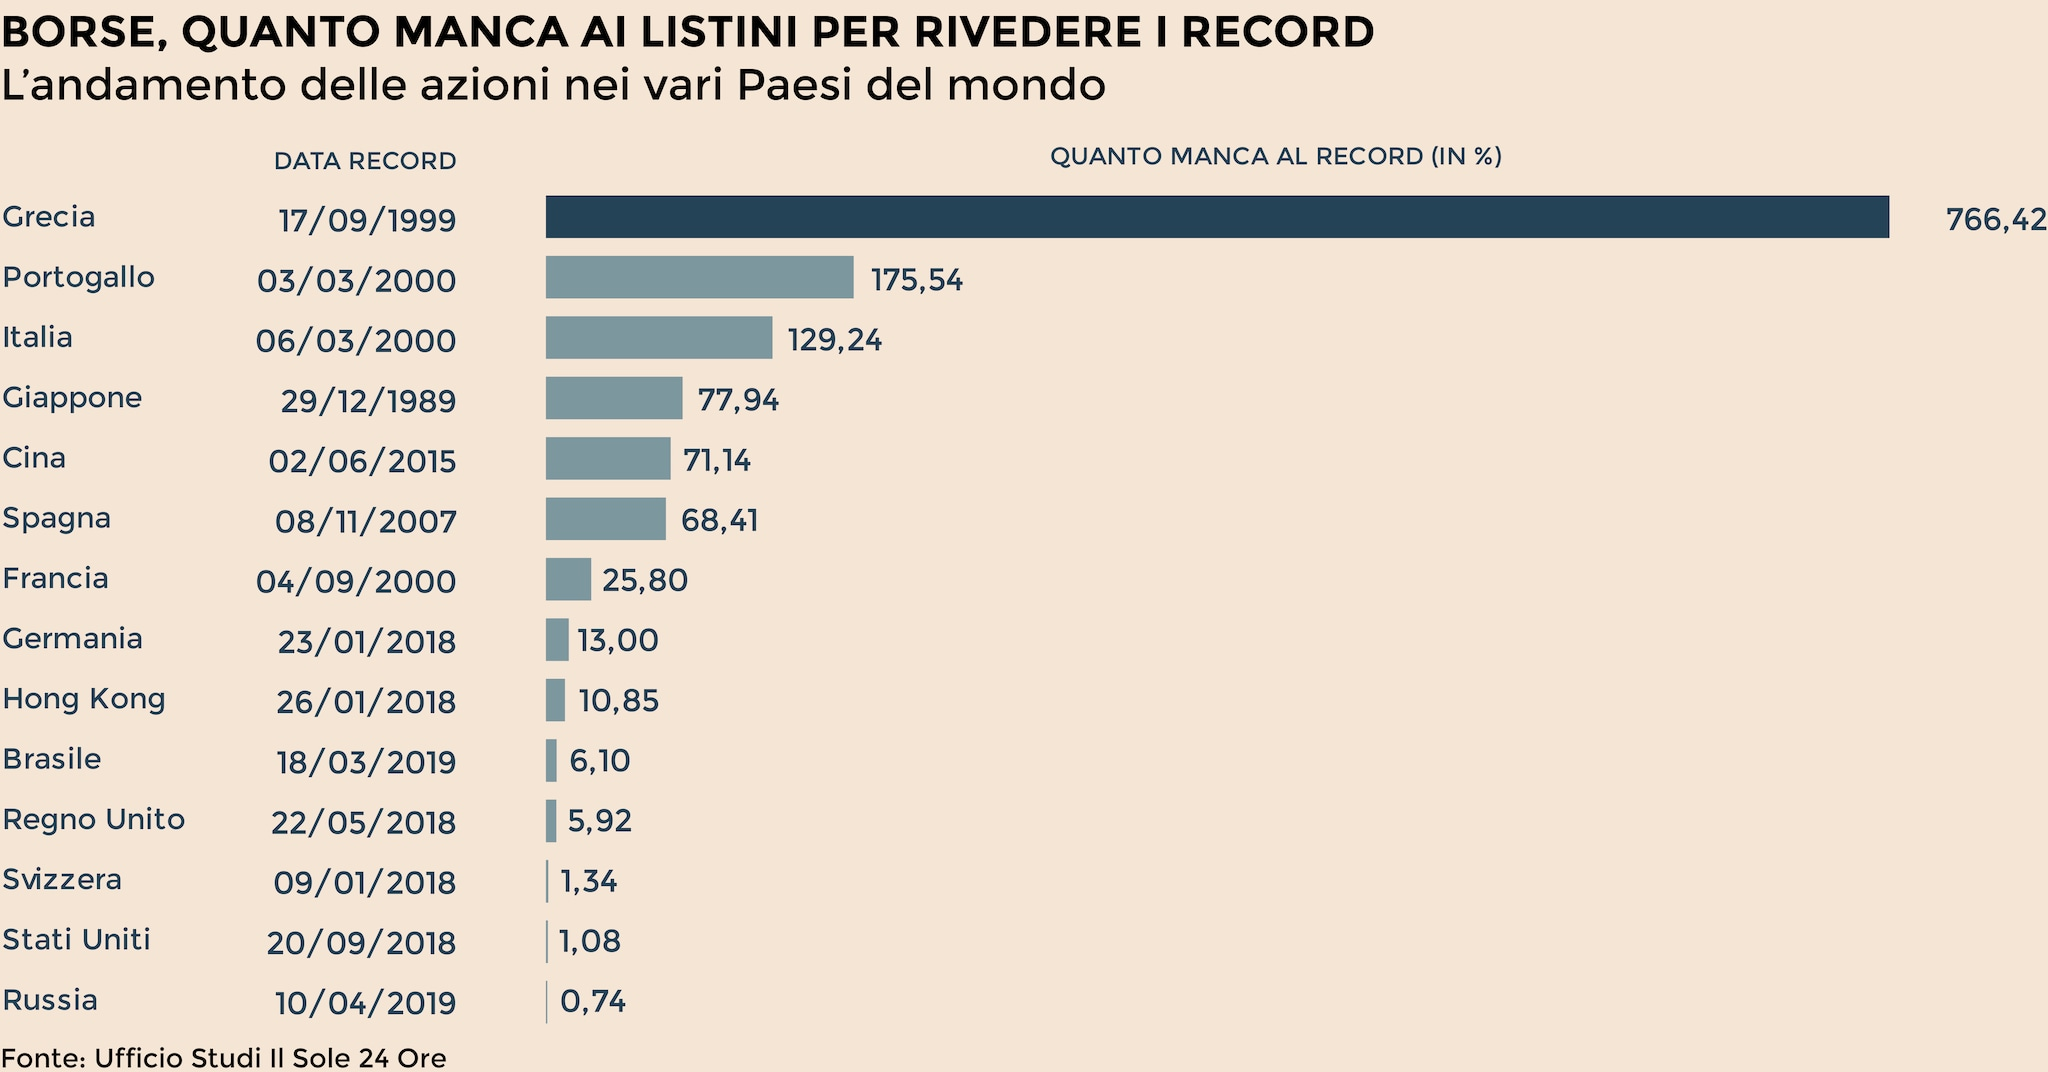 fdbbc53277 Borse, quanto manca per rivedere i massimi? A Wall Street l'1%, a Milano il  130%, al Giappone 30 anni - Il Sole 24 ORE